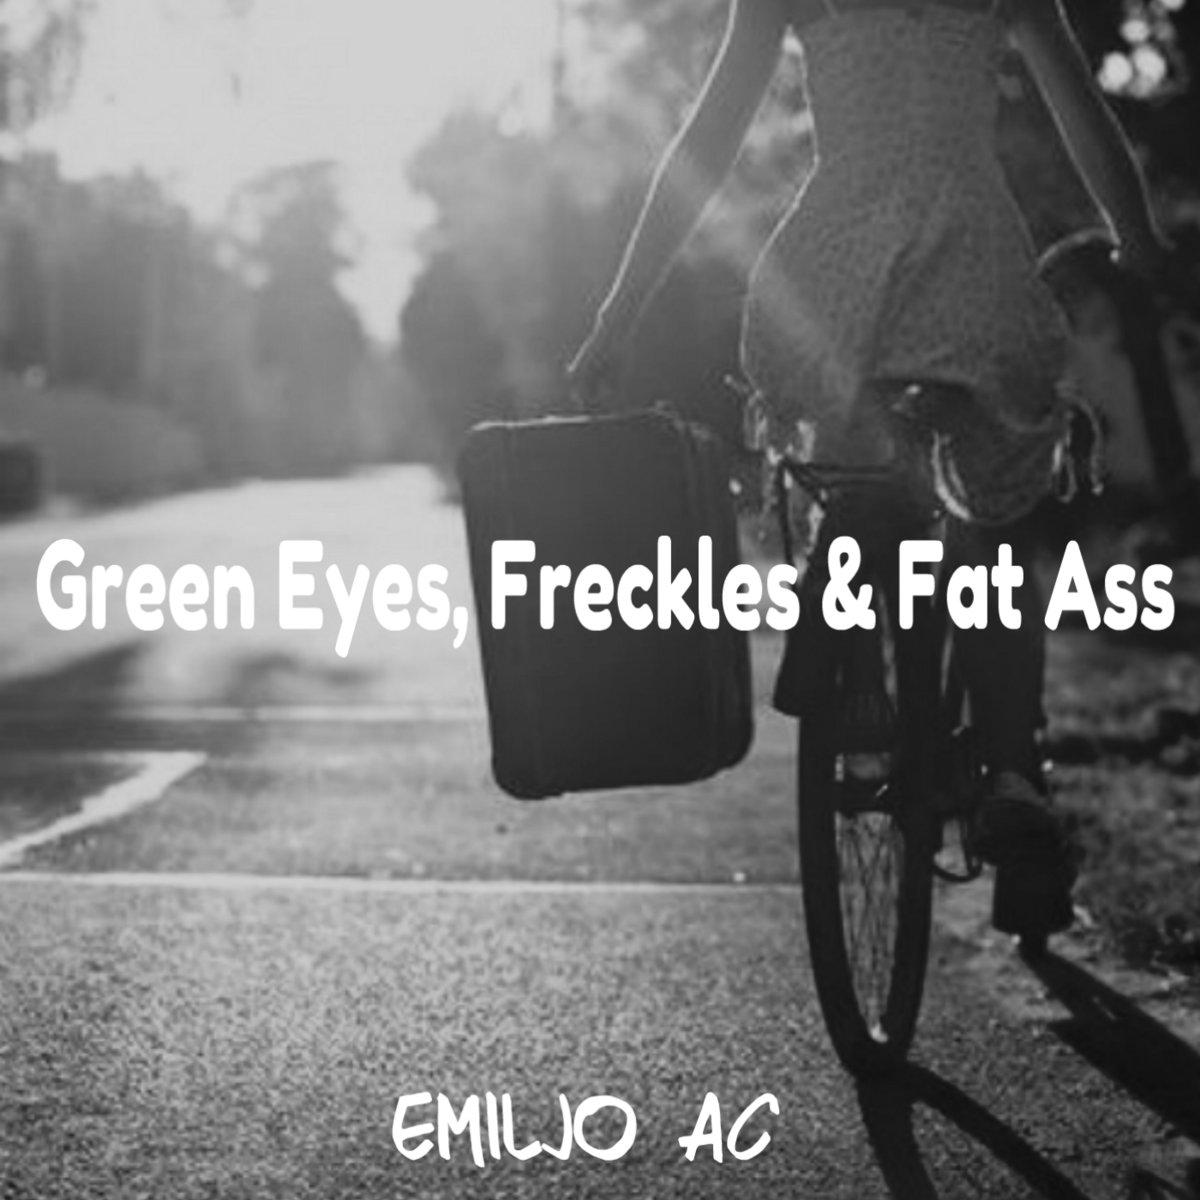 green eyes, freckles & fat ass   emiljoac